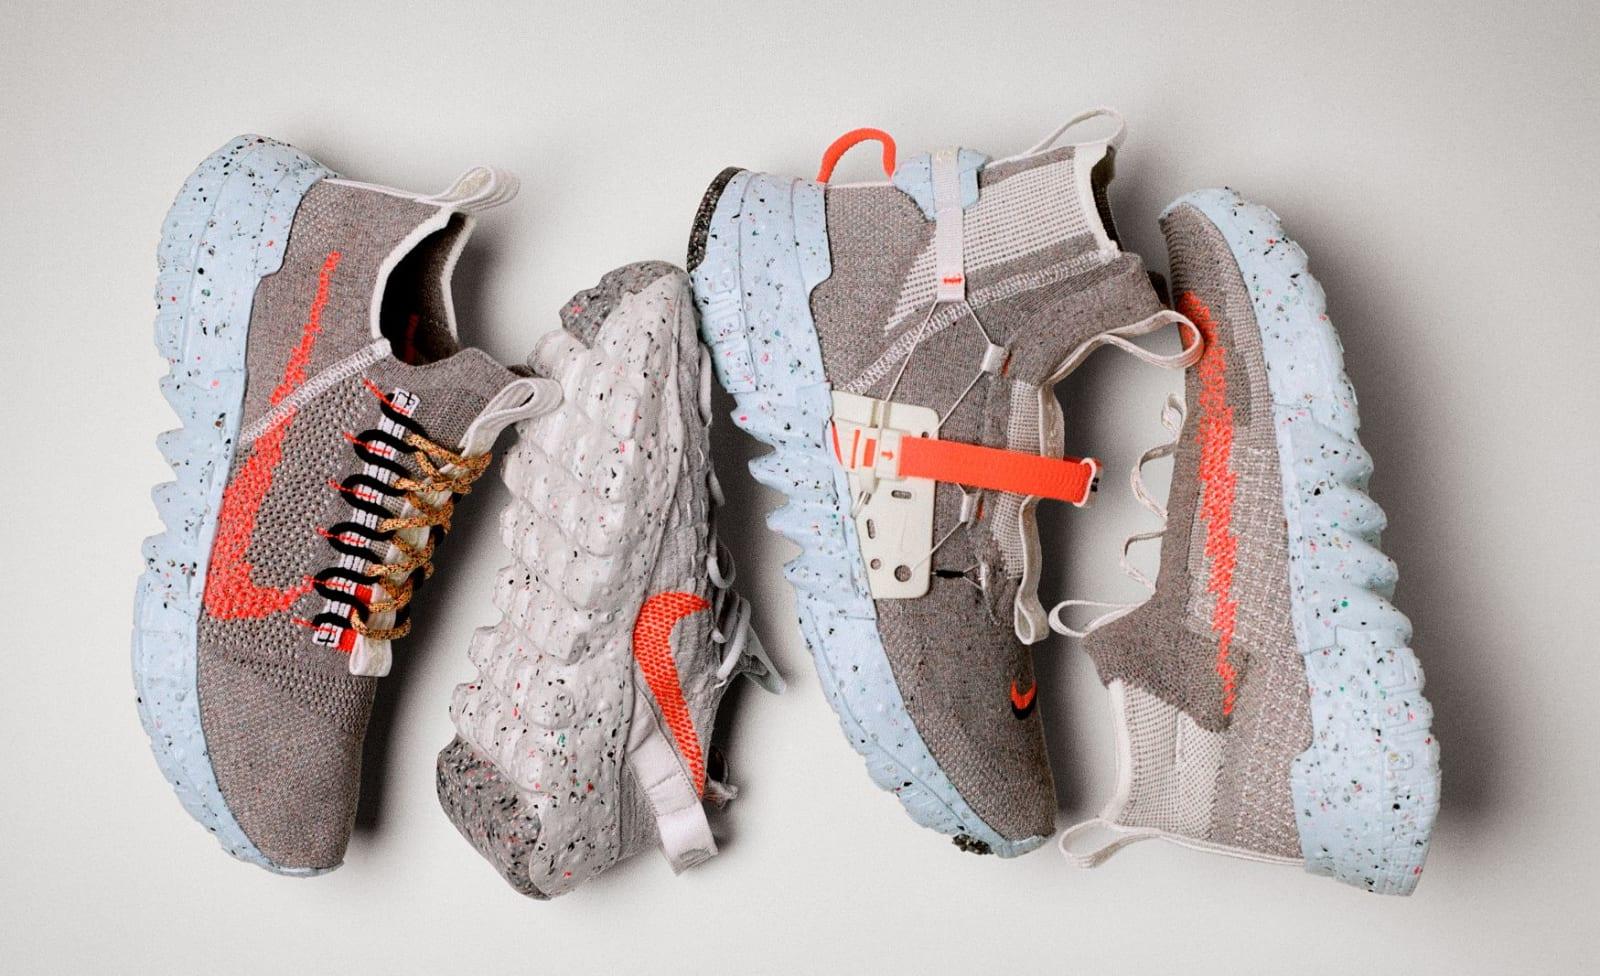 regional Hacer las tareas domésticas infinito  Nike elabora zapatillas a base de desechos y se agotan en un día